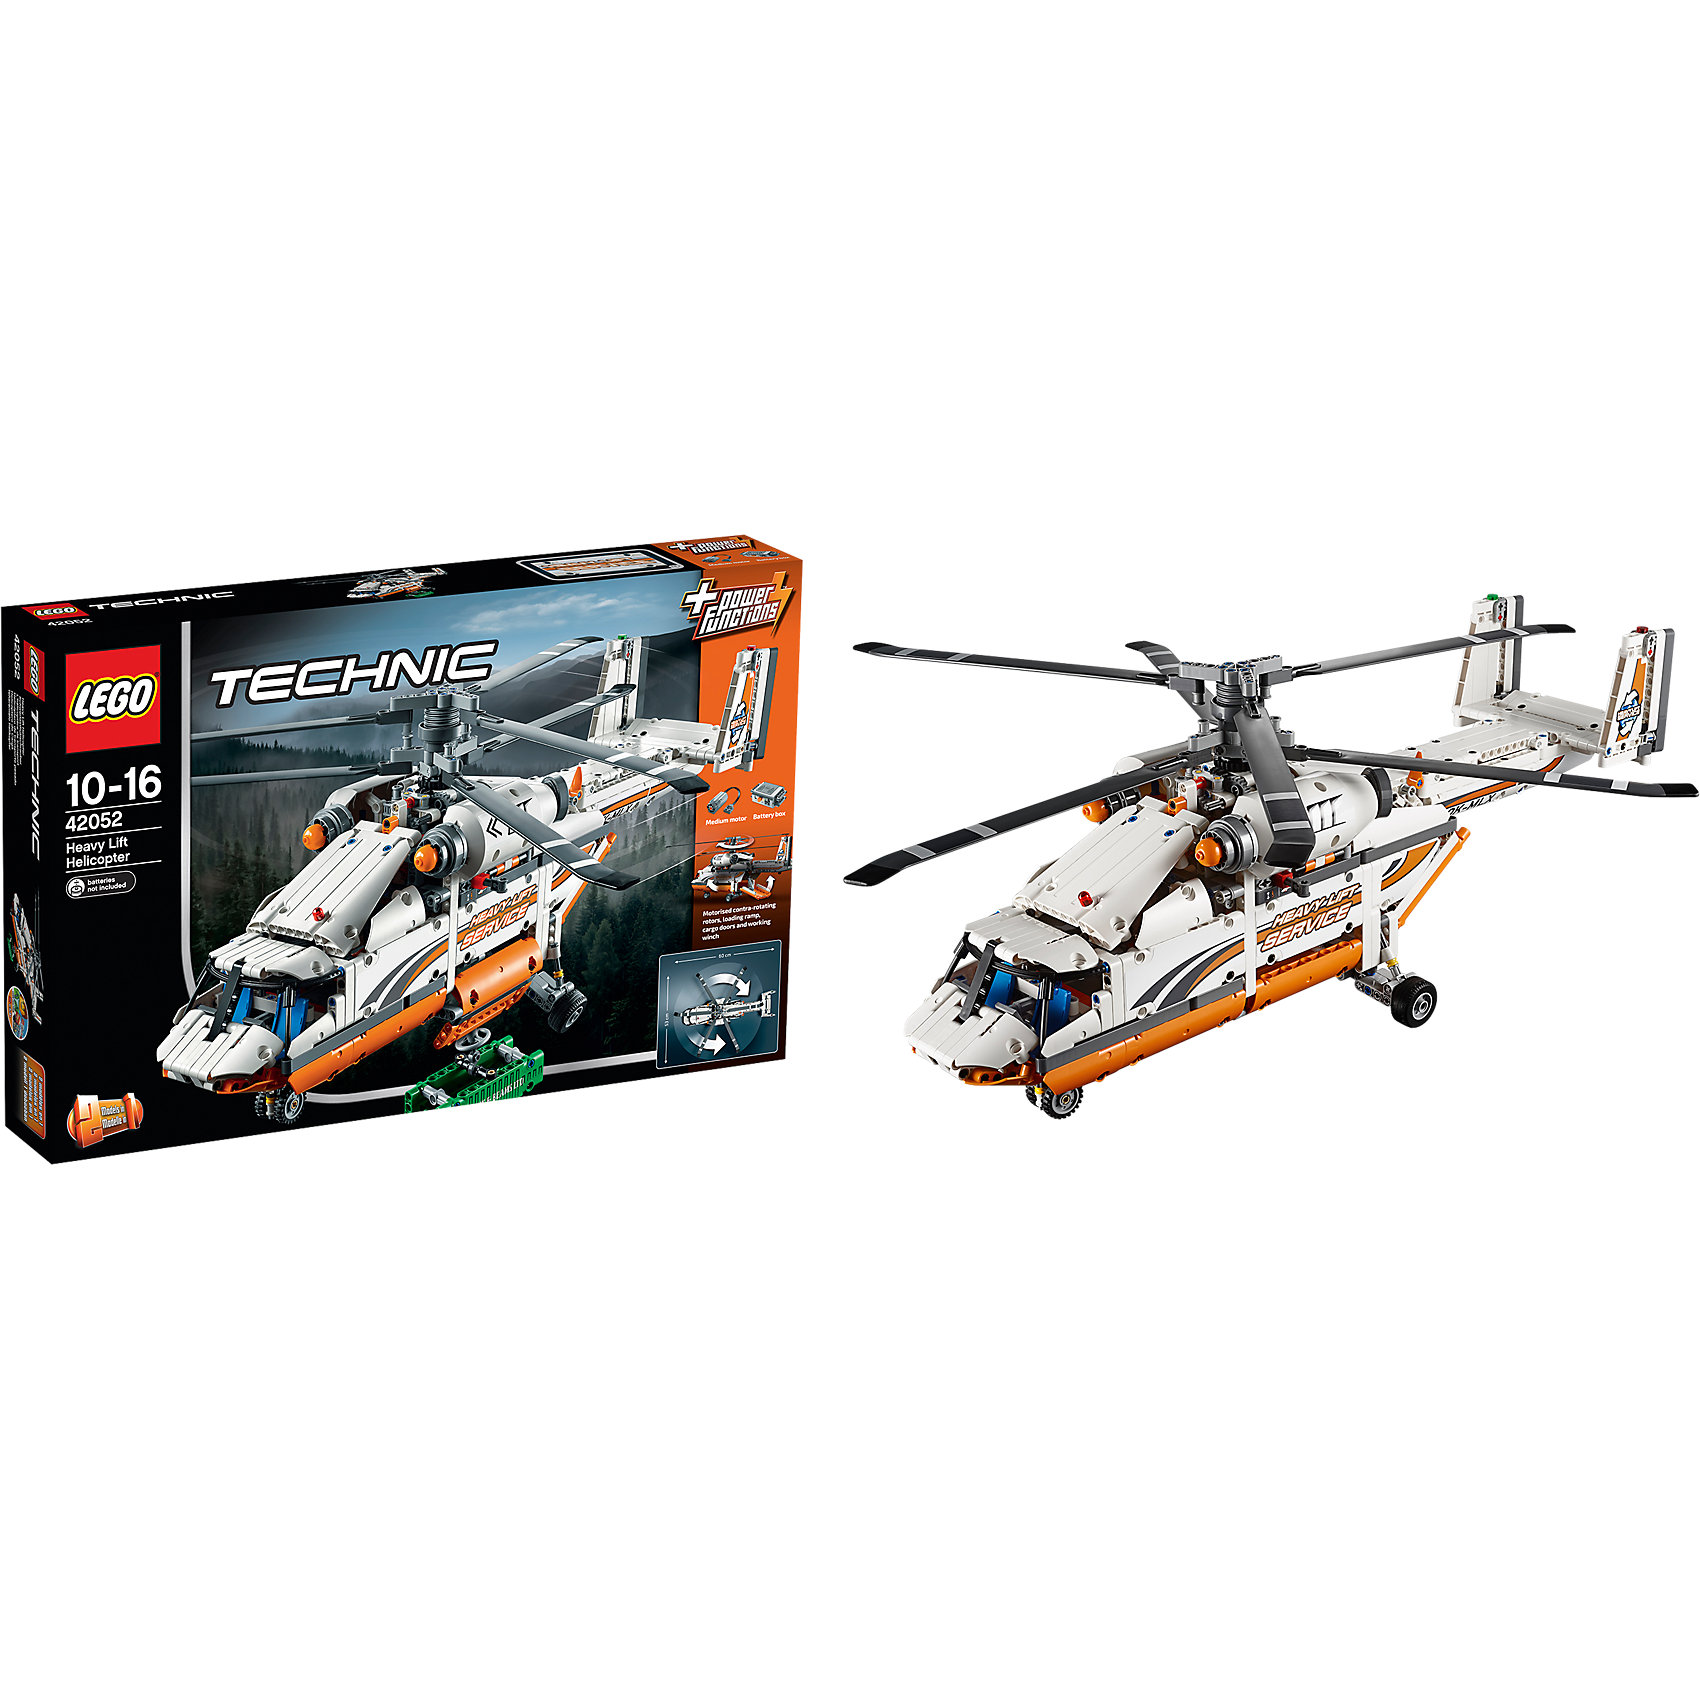 LEGO Technic 42052: Грузовой вертолетХарактеристики:<br><br>• Предназначение: набор для конструирования, сюжетно-ролевые игры<br>• Пол: для мальчиков<br>• Материал: пластик<br>• Цвет: белый, черный, серый, оранжевый<br>• Серия LEGO: Technic<br>• Размер упаковки (Д*Ш*В): 58*8,7*37,8 см<br>• Вес: 1 кг 845 г<br>• Количество деталей: 1042 шт.<br>• Наличие двигающихся, вращающихся и открывающихся элементов<br>• Комплектация: детали для конструирования 2-х вариантов грузового воздушного транспорта<br>• Батарейки: 6 шт. типа АА (в комплекте не предусмотрены)<br><br>LEGO Technic 42052: Грузовой вертолет – набор от всемирно известного производителя конструкторов для детей всех возрастных категорий. LEGO Technic 42025: Грузовой самолёт является базовым набором повышенной сложности серии Technic. Элементы конструктора позволяют сконструировать 2 варианта грузового транспорта: грузовой вертолет или двухроторный вертолет. Разнообразие элементов позволят воссоздавать юному конструктору все реалистичные элементы и функции грузового воздушного транспорта: вращающиеся винты, открывающийся грузовой отсек, лебедка, подвижный хвостовой руль и др. В комплекте предусмотрена яркая инструкция, которая научит вашего ребенка действовать по образцу. <br>Игры с конструкторами LEGO развивают усидчивость, внимательность, мелкую моторику рук, способствуют формированию конструкторского мышления. С набором LEGO Technic 42052: Грузовой вертолет ваш ребенок сможет придумывать целые сюжетные истории, развивая тем самым воображение и обогащая свой словарный запас. <br><br>LEGO Technic 42052: Грузовой вертолет можно купить в нашем интернет-магазине.<br><br>Ширина мм: 583<br>Глубина мм: 375<br>Высота мм: 86<br>Вес г: 1872<br>Возраст от месяцев: 120<br>Возраст до месяцев: 192<br>Пол: Мужской<br>Возраст: Детский<br>SKU: 4259081